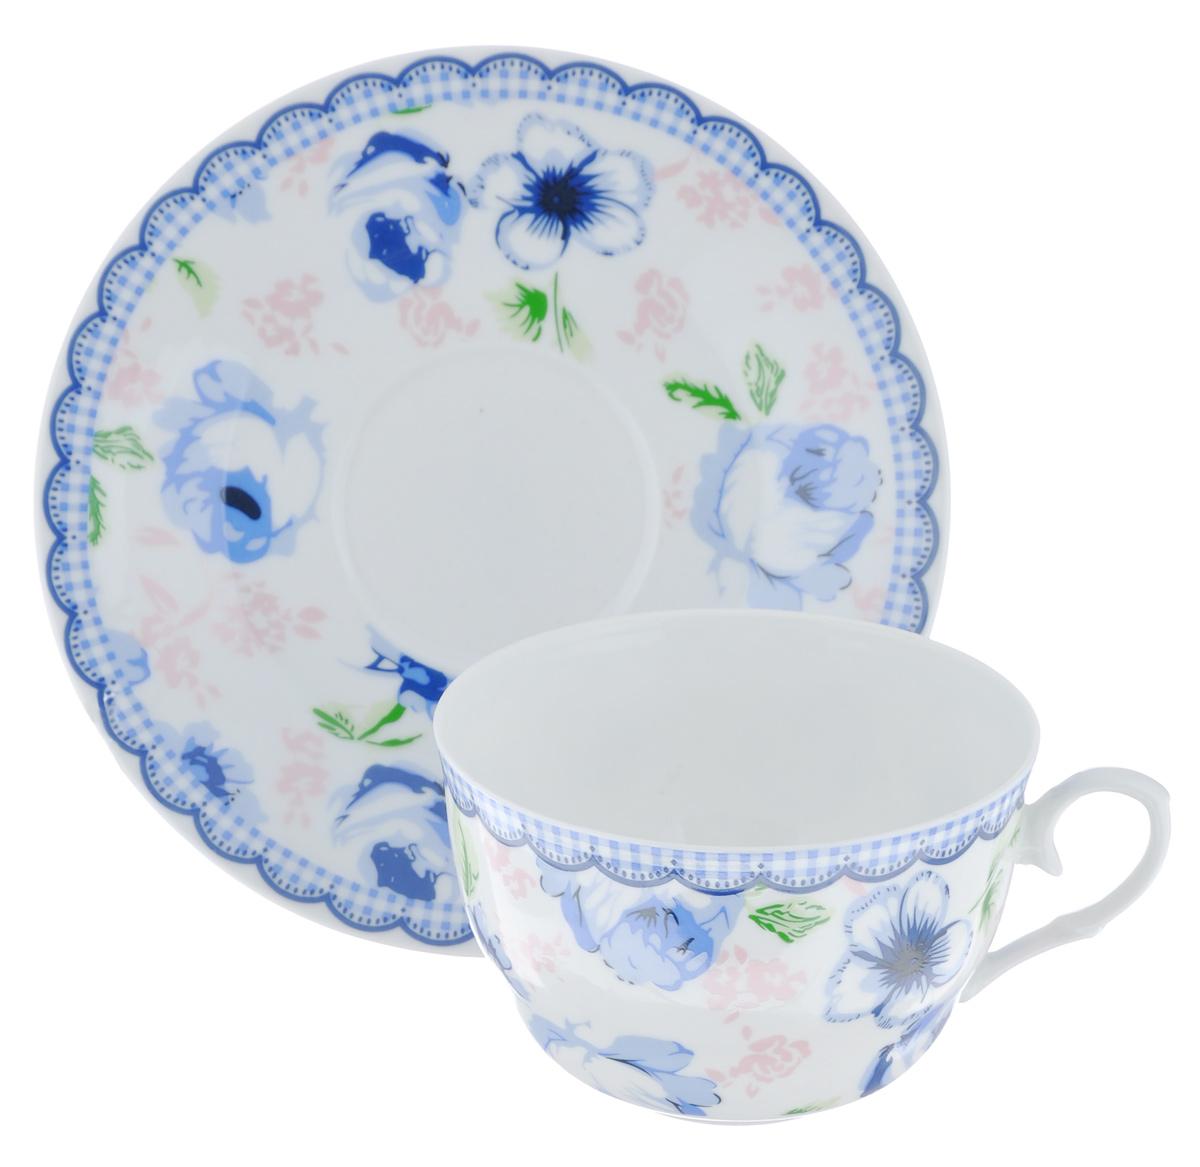 Набор чайный LarangE Кантри, цвет: синий, белый, 2 предмета стоимость